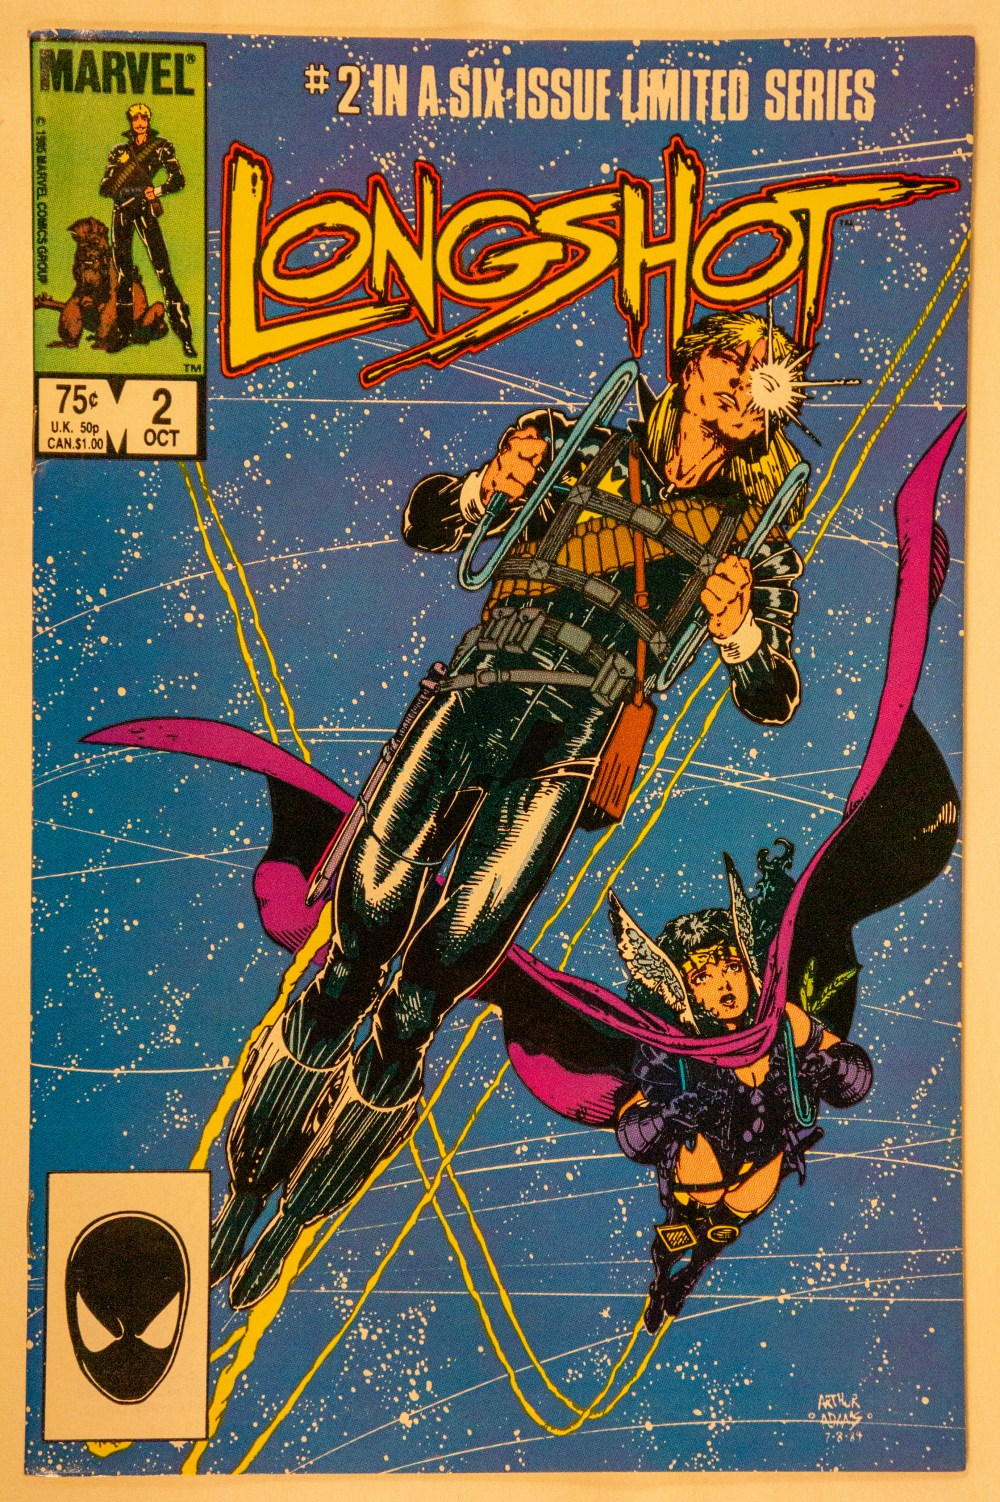 Longshot #2